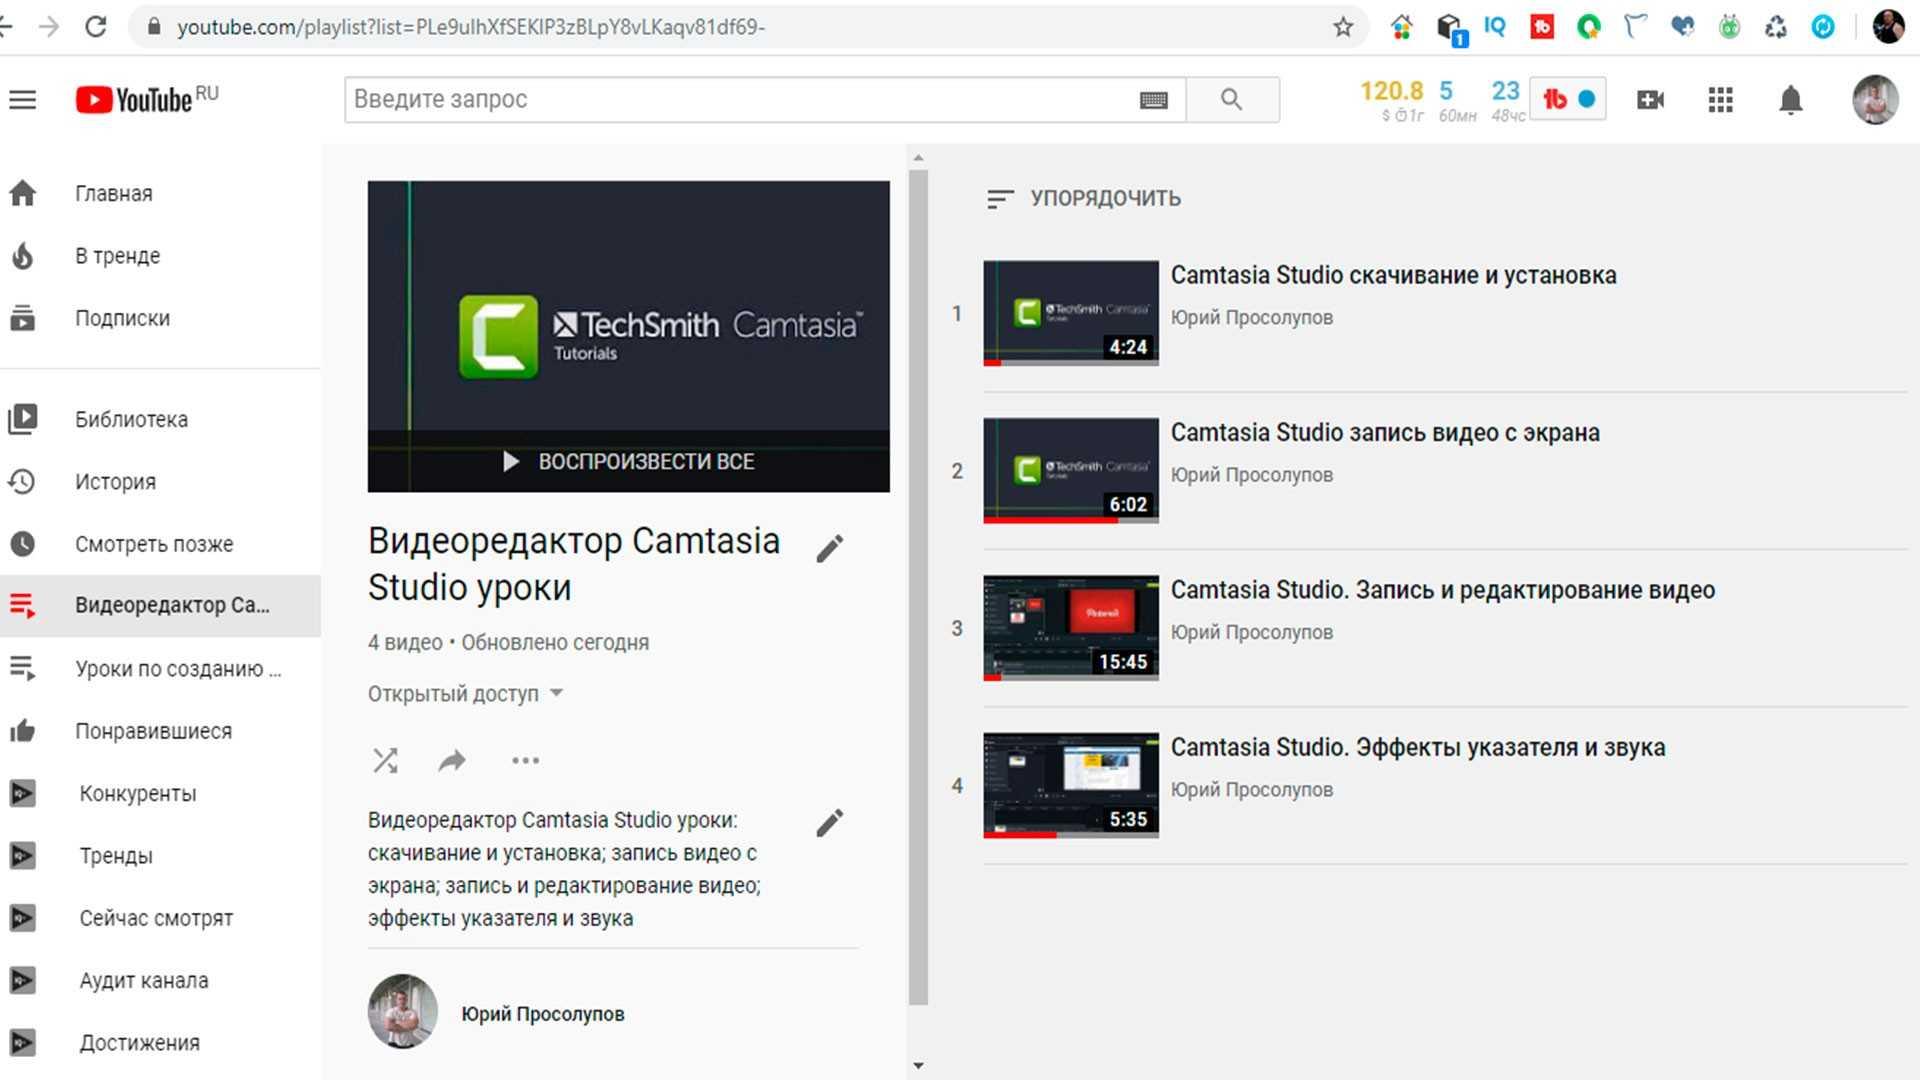 Как создать плейлист на канале YouTube